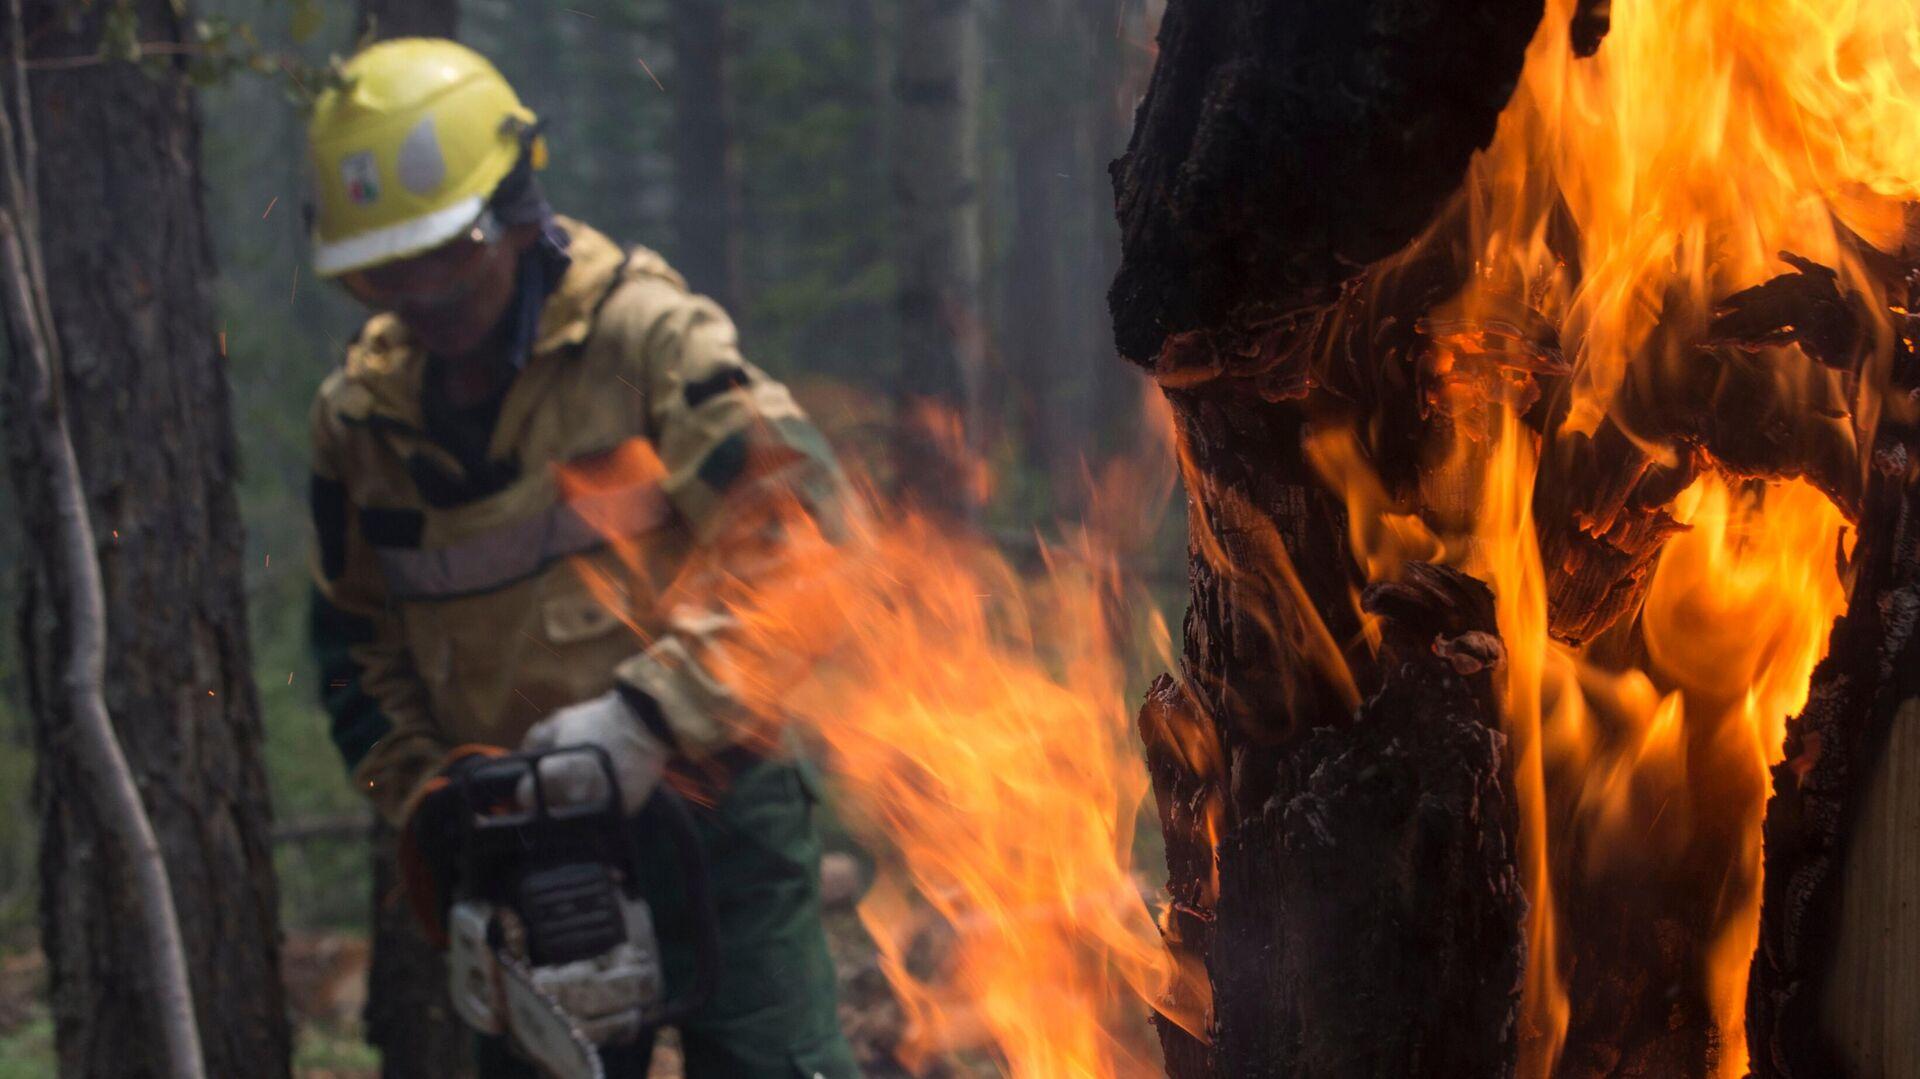 Сотрудник Авиалесоохраны проводит противопожарные мероприятия для препятствия распространению лесных пожаров в Якутии - РИА Новости, 1920, 03.08.2021